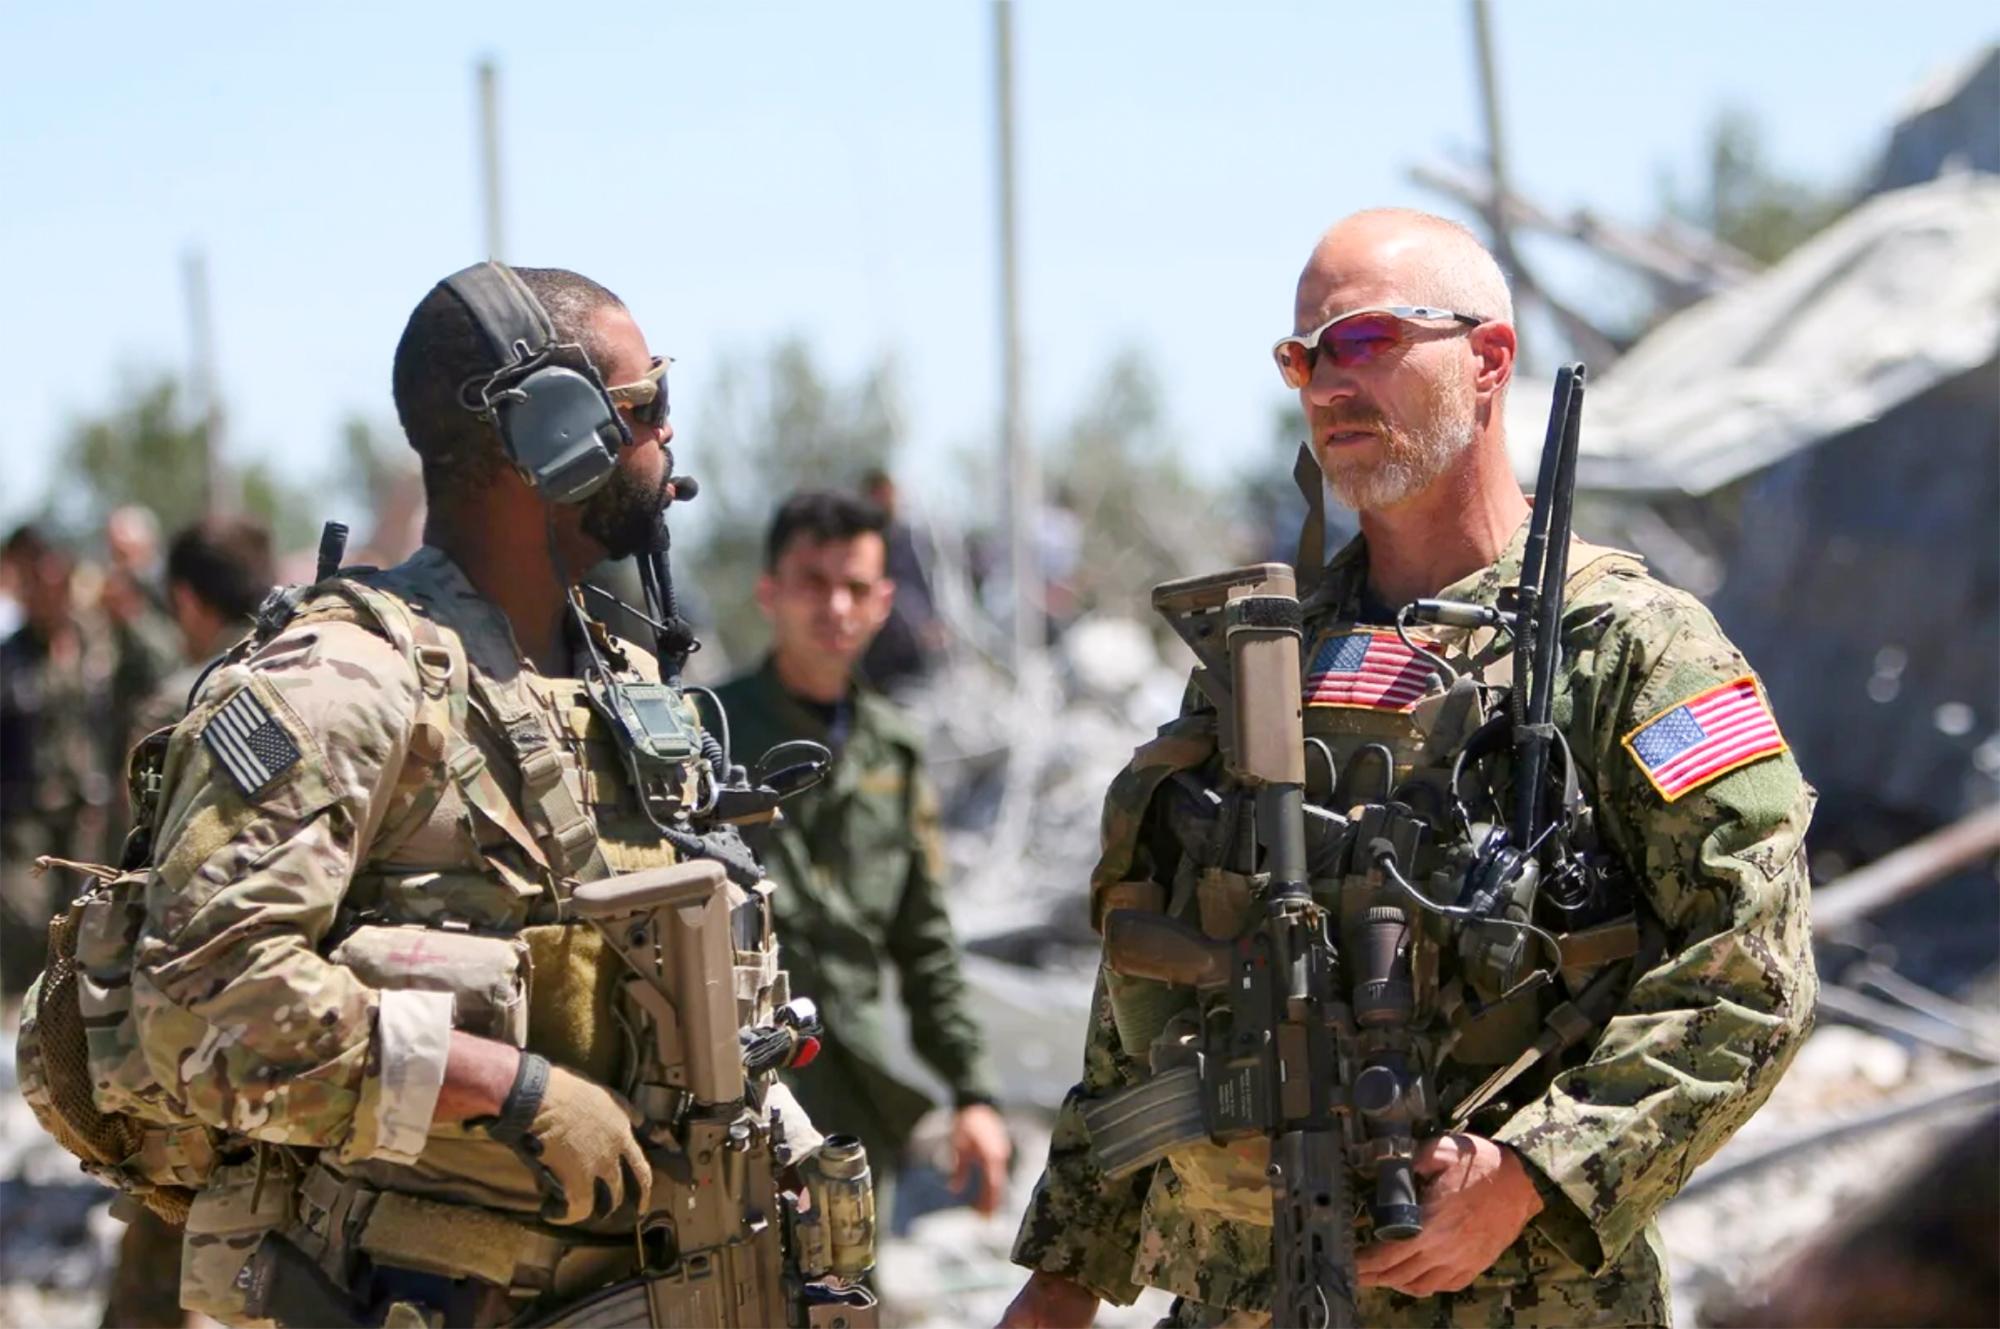 США может начать войну с Россией